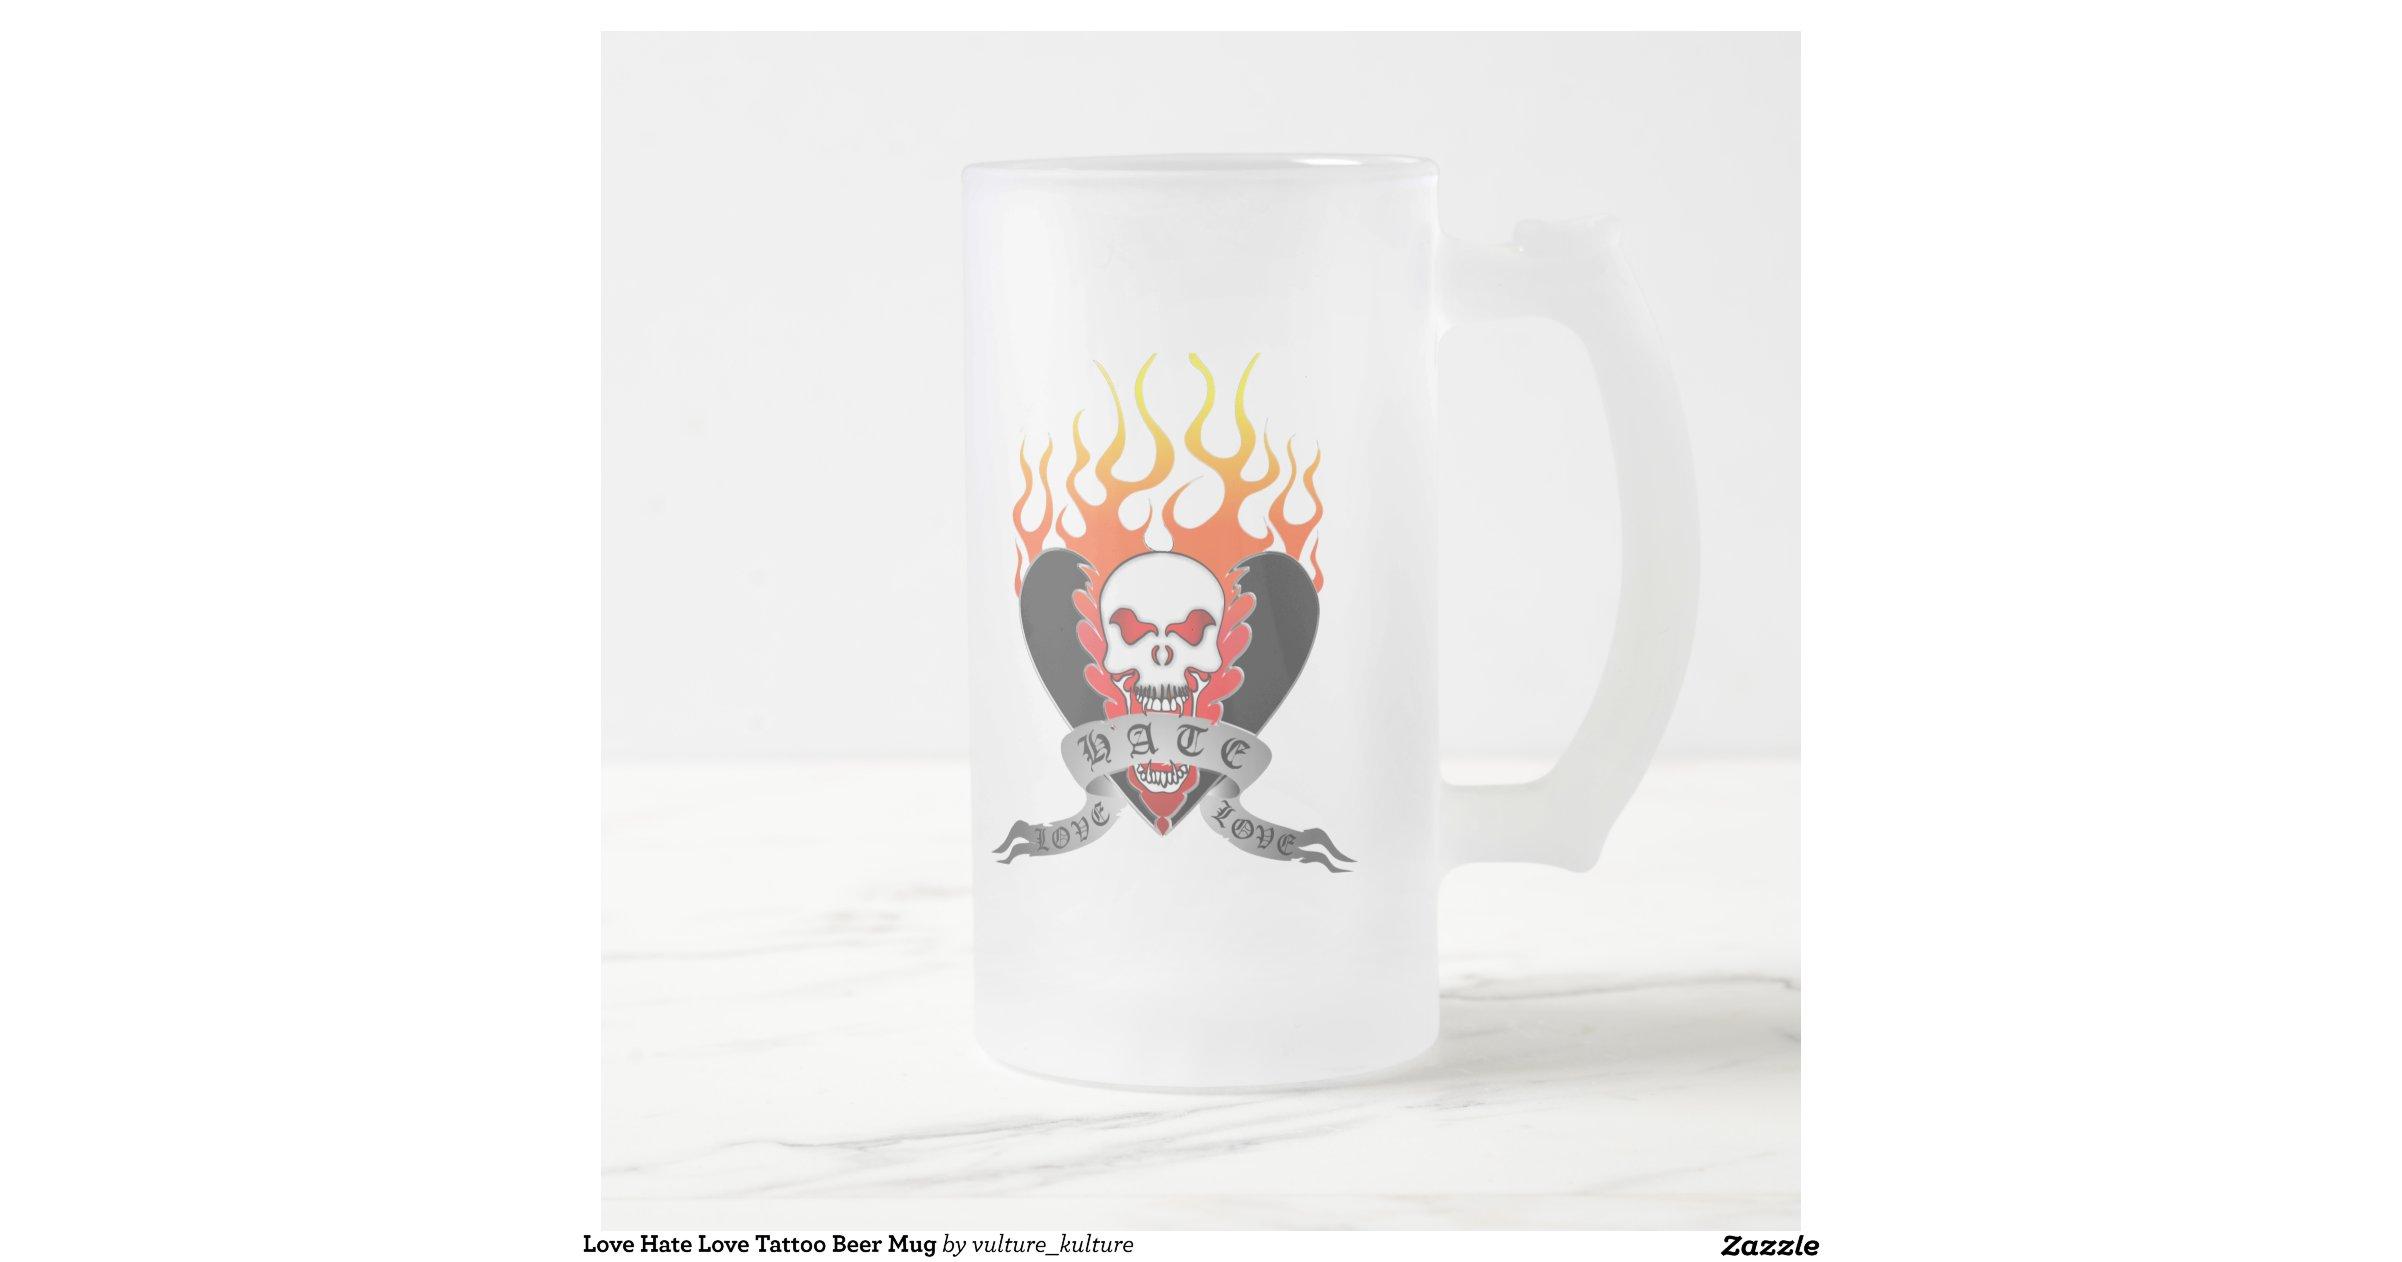 love hate love tattoo beer mug r9794a4a8c62d4242b0da19610dcdc19a x7js5 8byvr. Black Bedroom Furniture Sets. Home Design Ideas